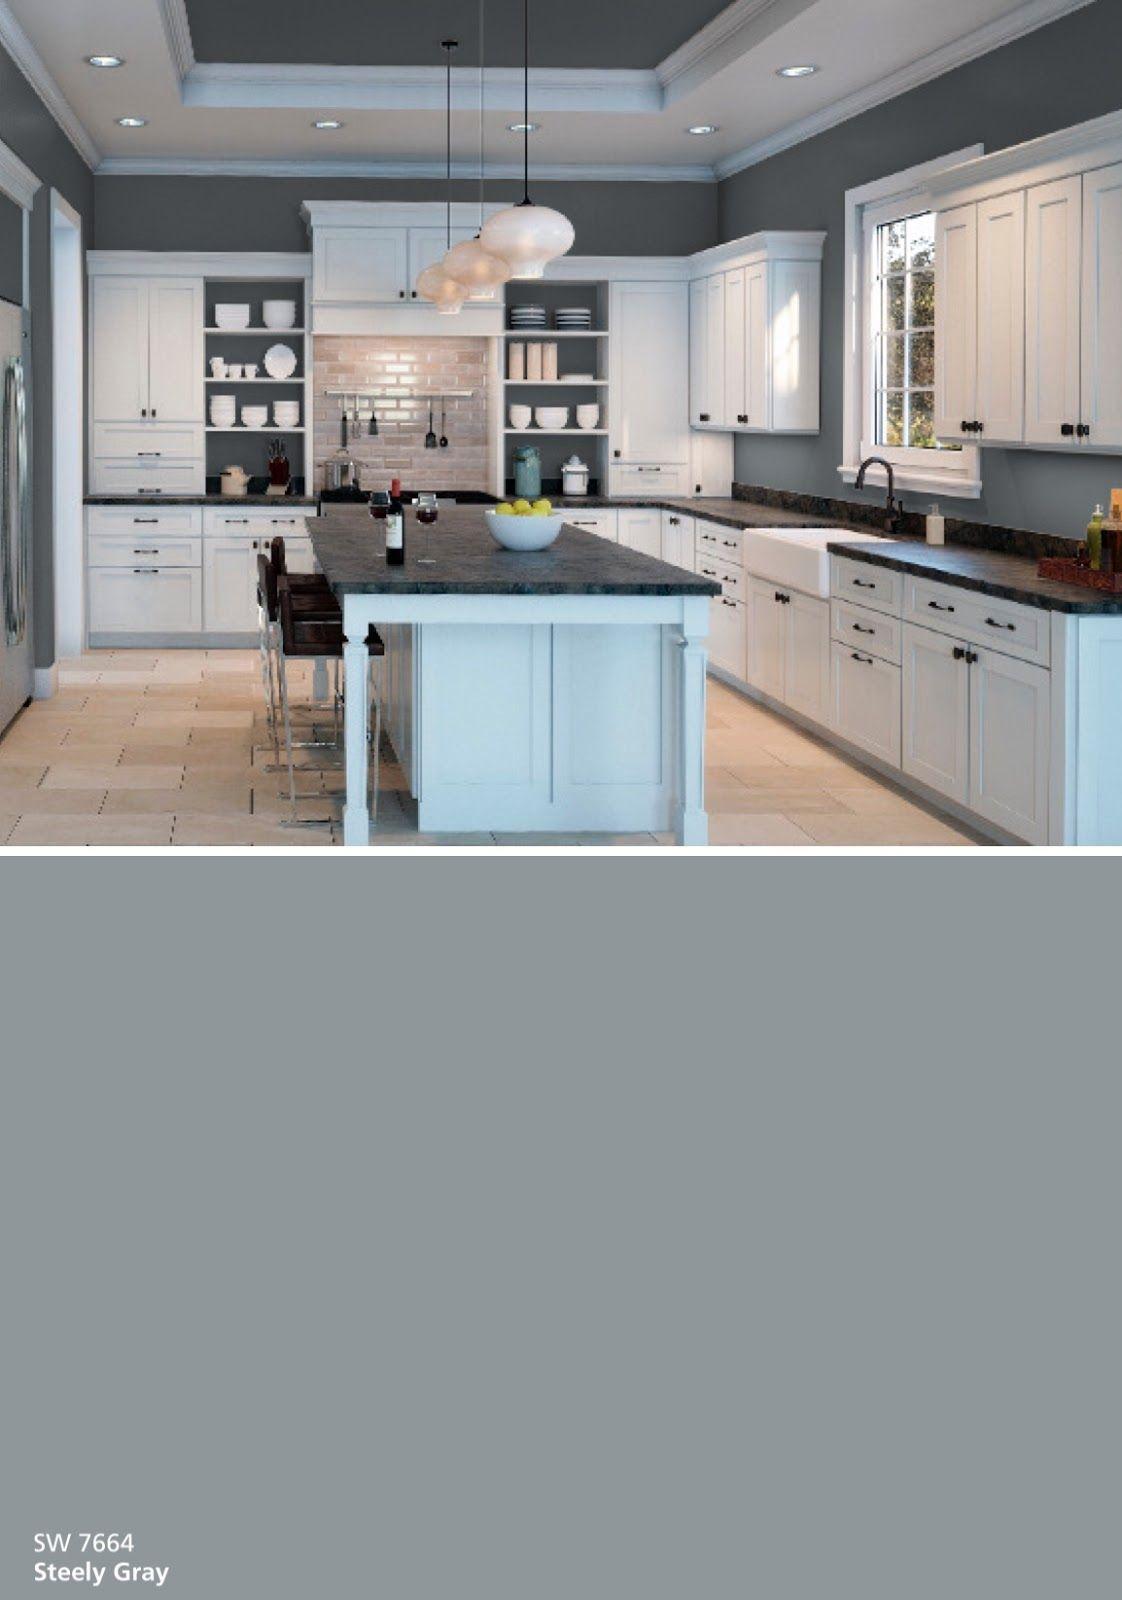 Color Inspiration + Color Snap | Kitchen cabinet colors ...